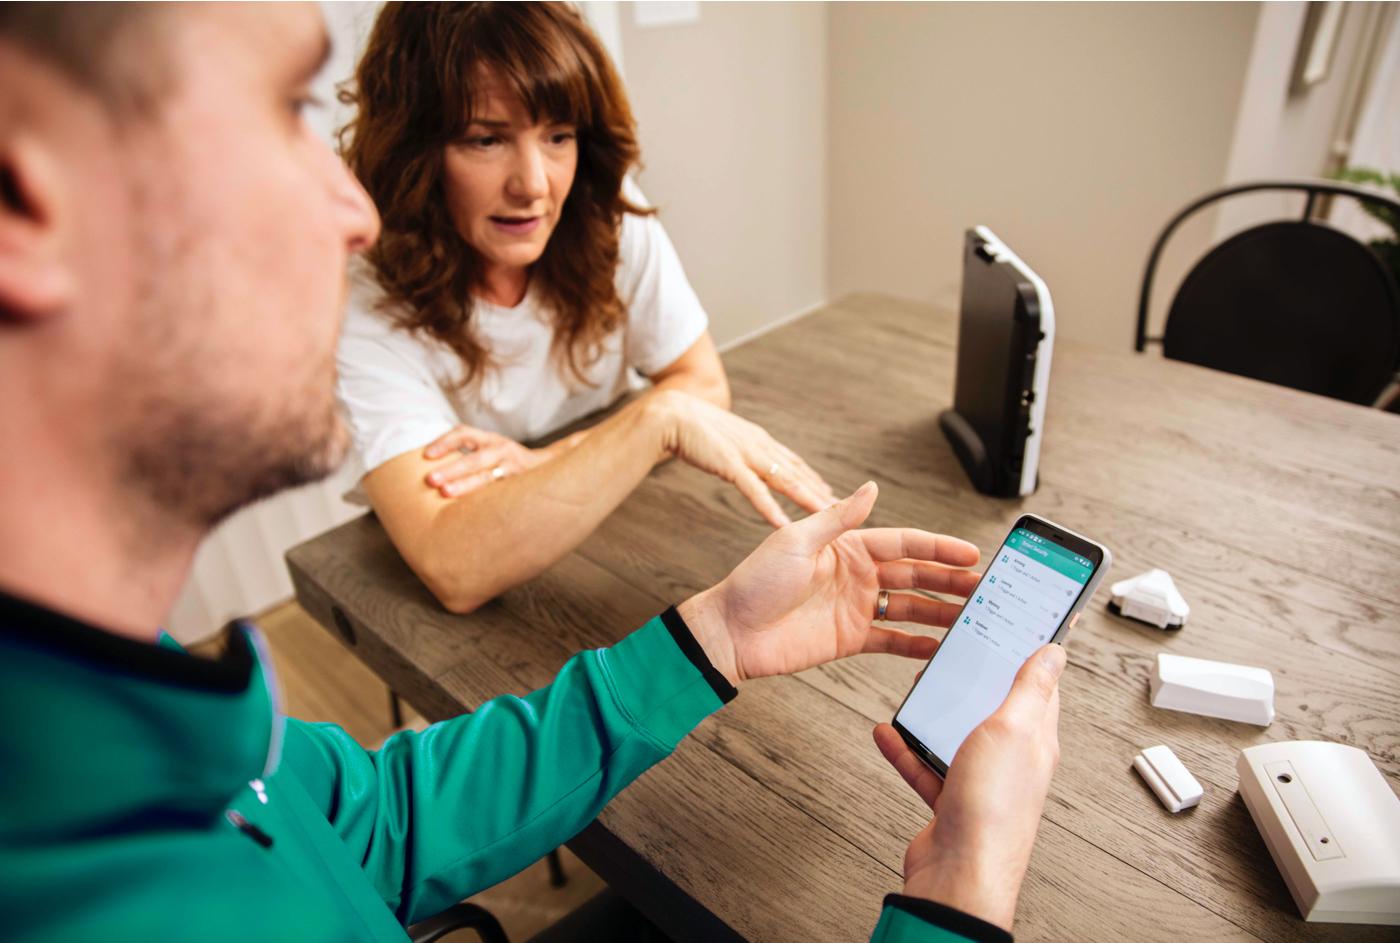 An installer helps a customer understand app and equipment